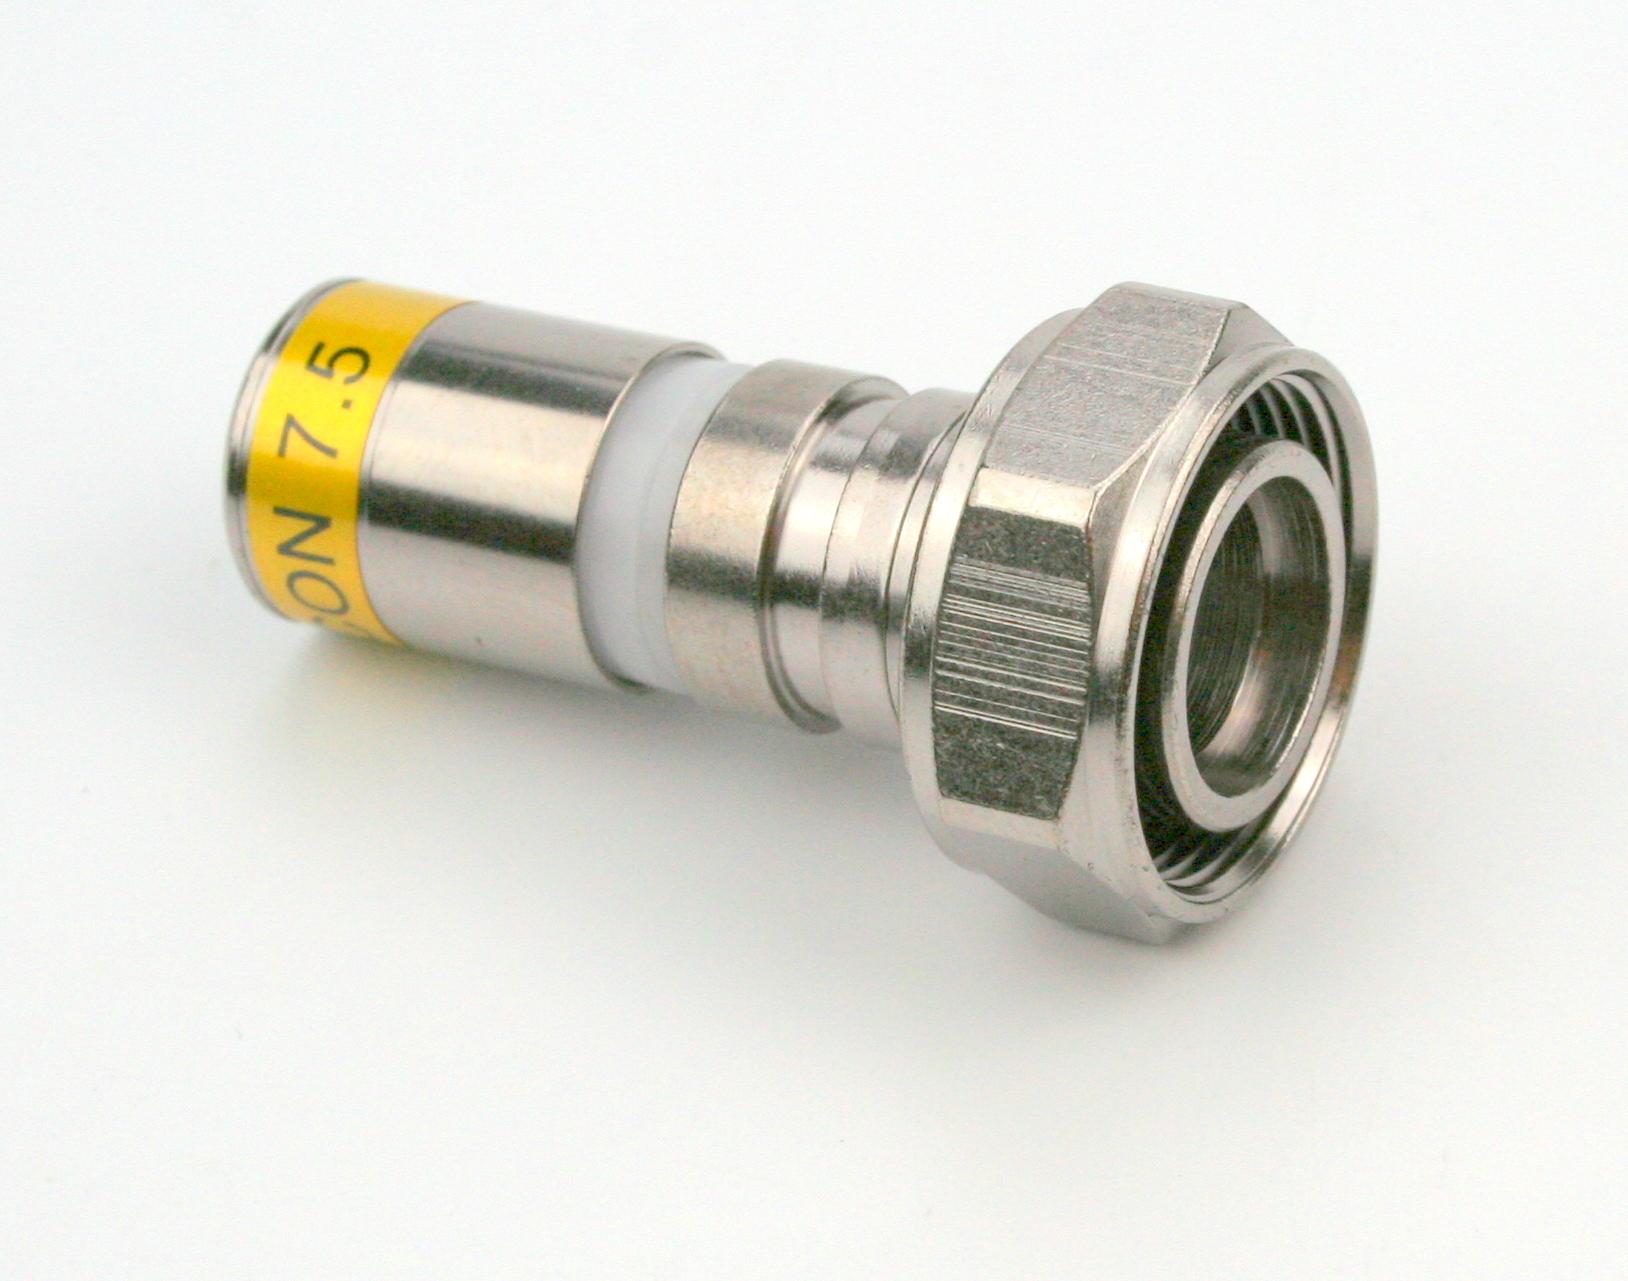 3,5/12M-RG11-CX3 QM 10,5 Kompressions F-Stecker wasserfest